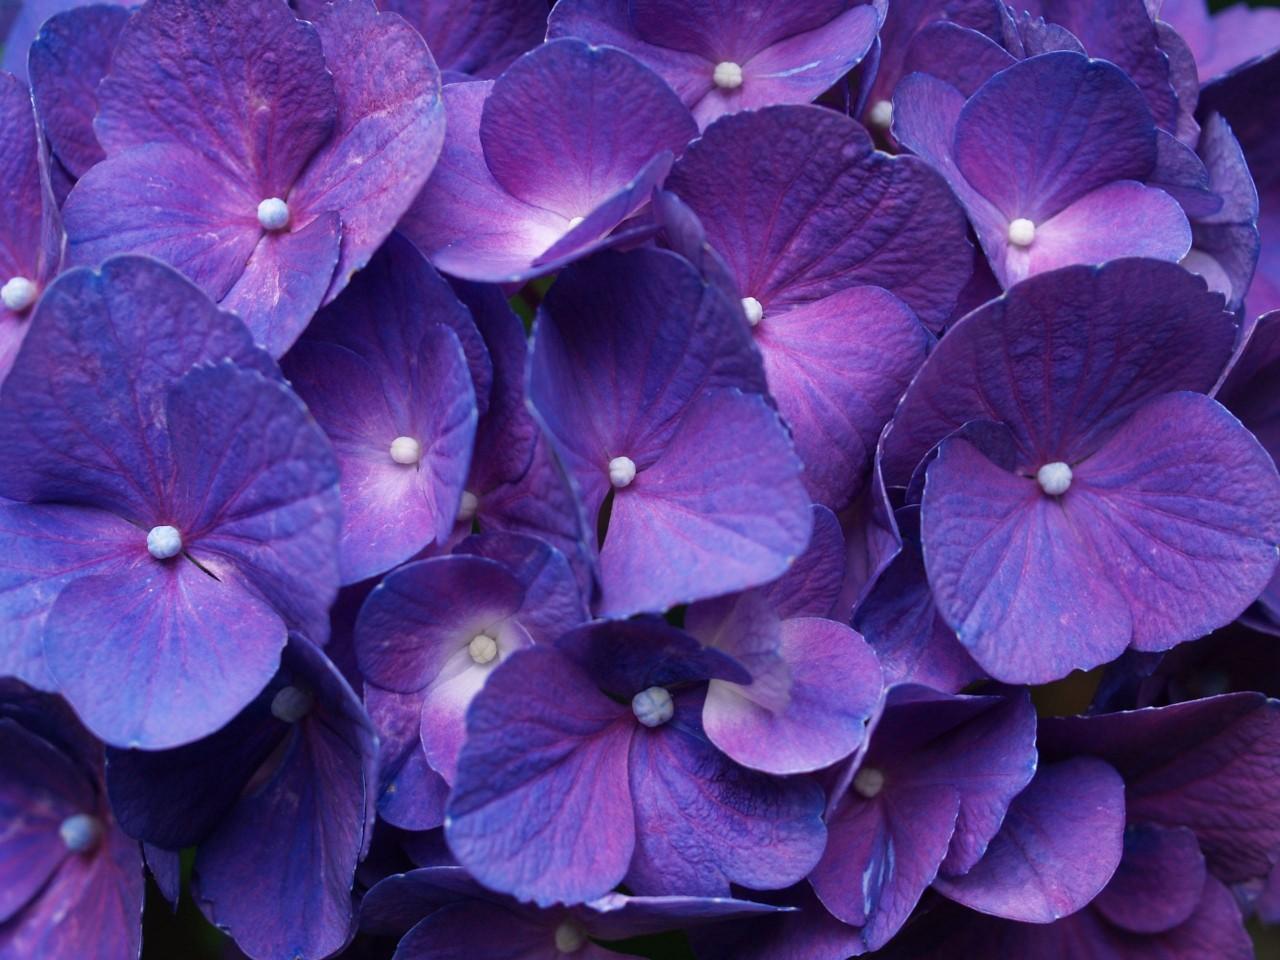 Картинки с цветами фиолетово-синего